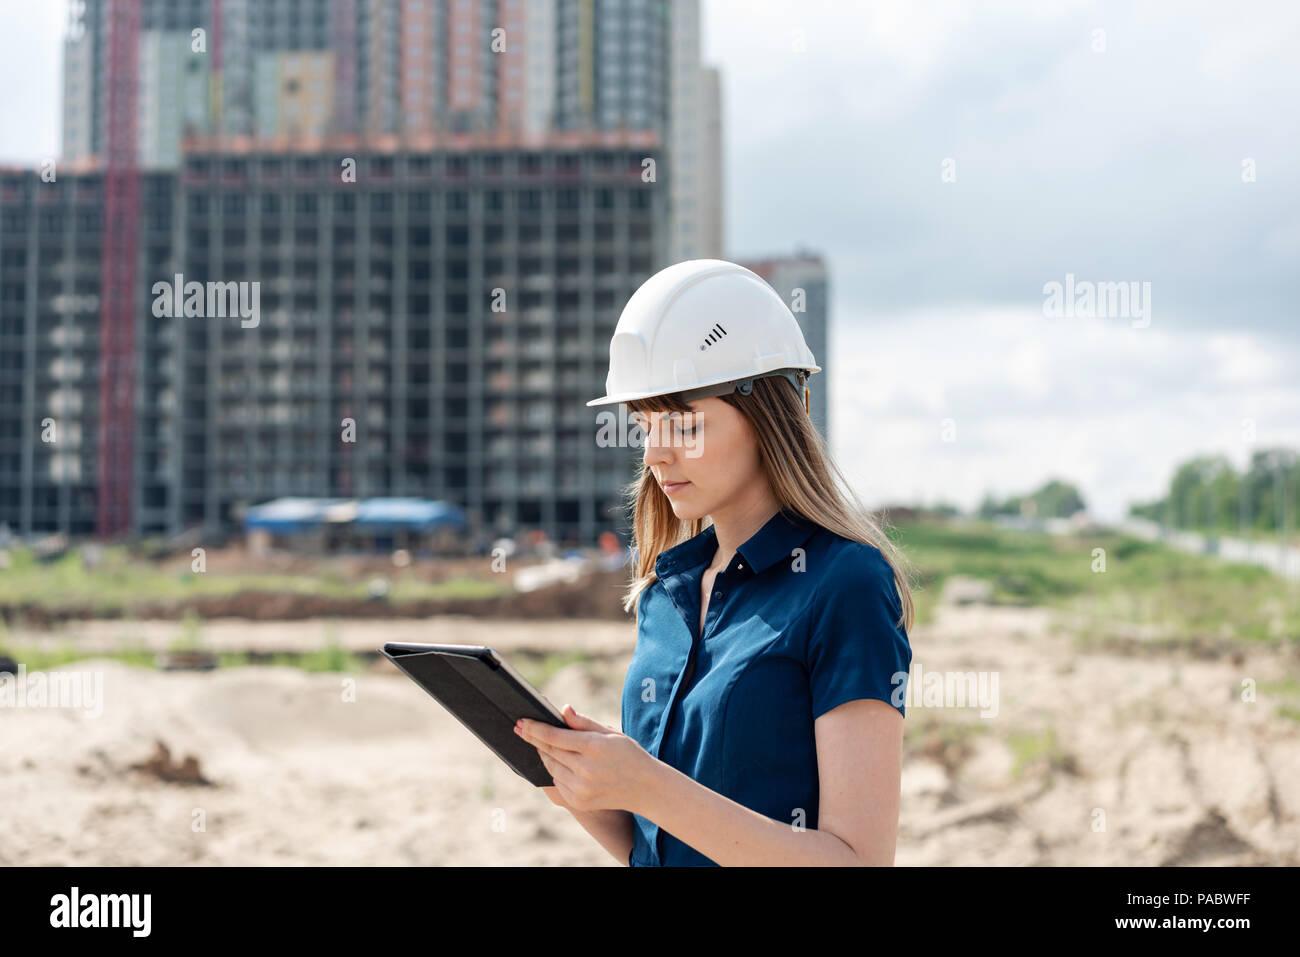 Femmina ingegnere di costruzione. Architetto con un computer tablet in corrispondenza di un sito in costruzione. Giovane donna alla ricerca, sito di costruzione posto sullo sfondo. Il concetto di costruzione Immagini Stock